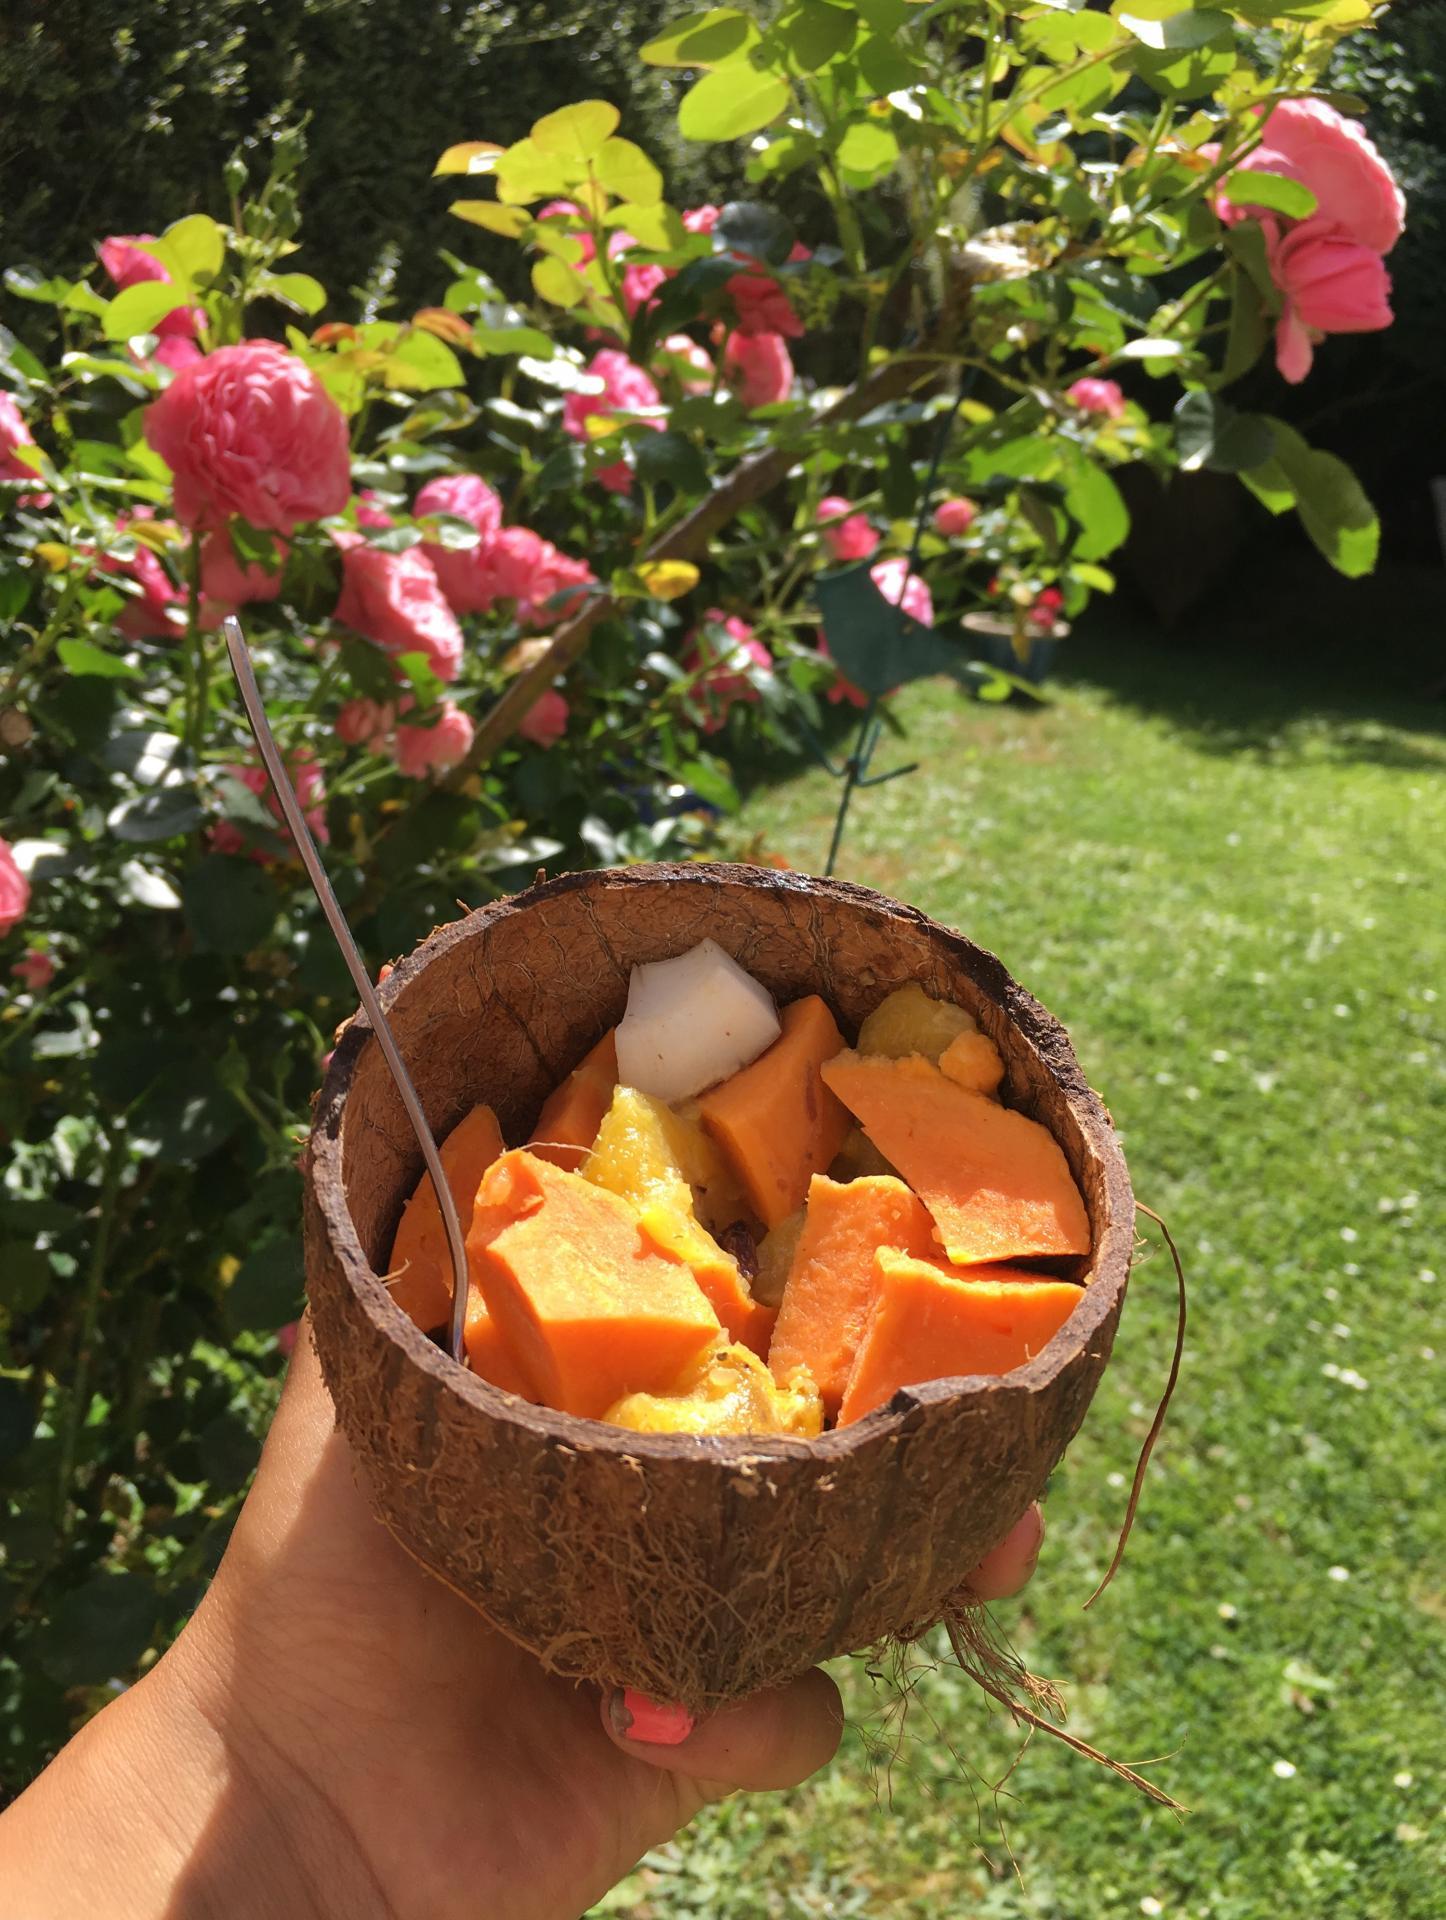 méli Mélo exotique de bananes plantain patate douces et coco